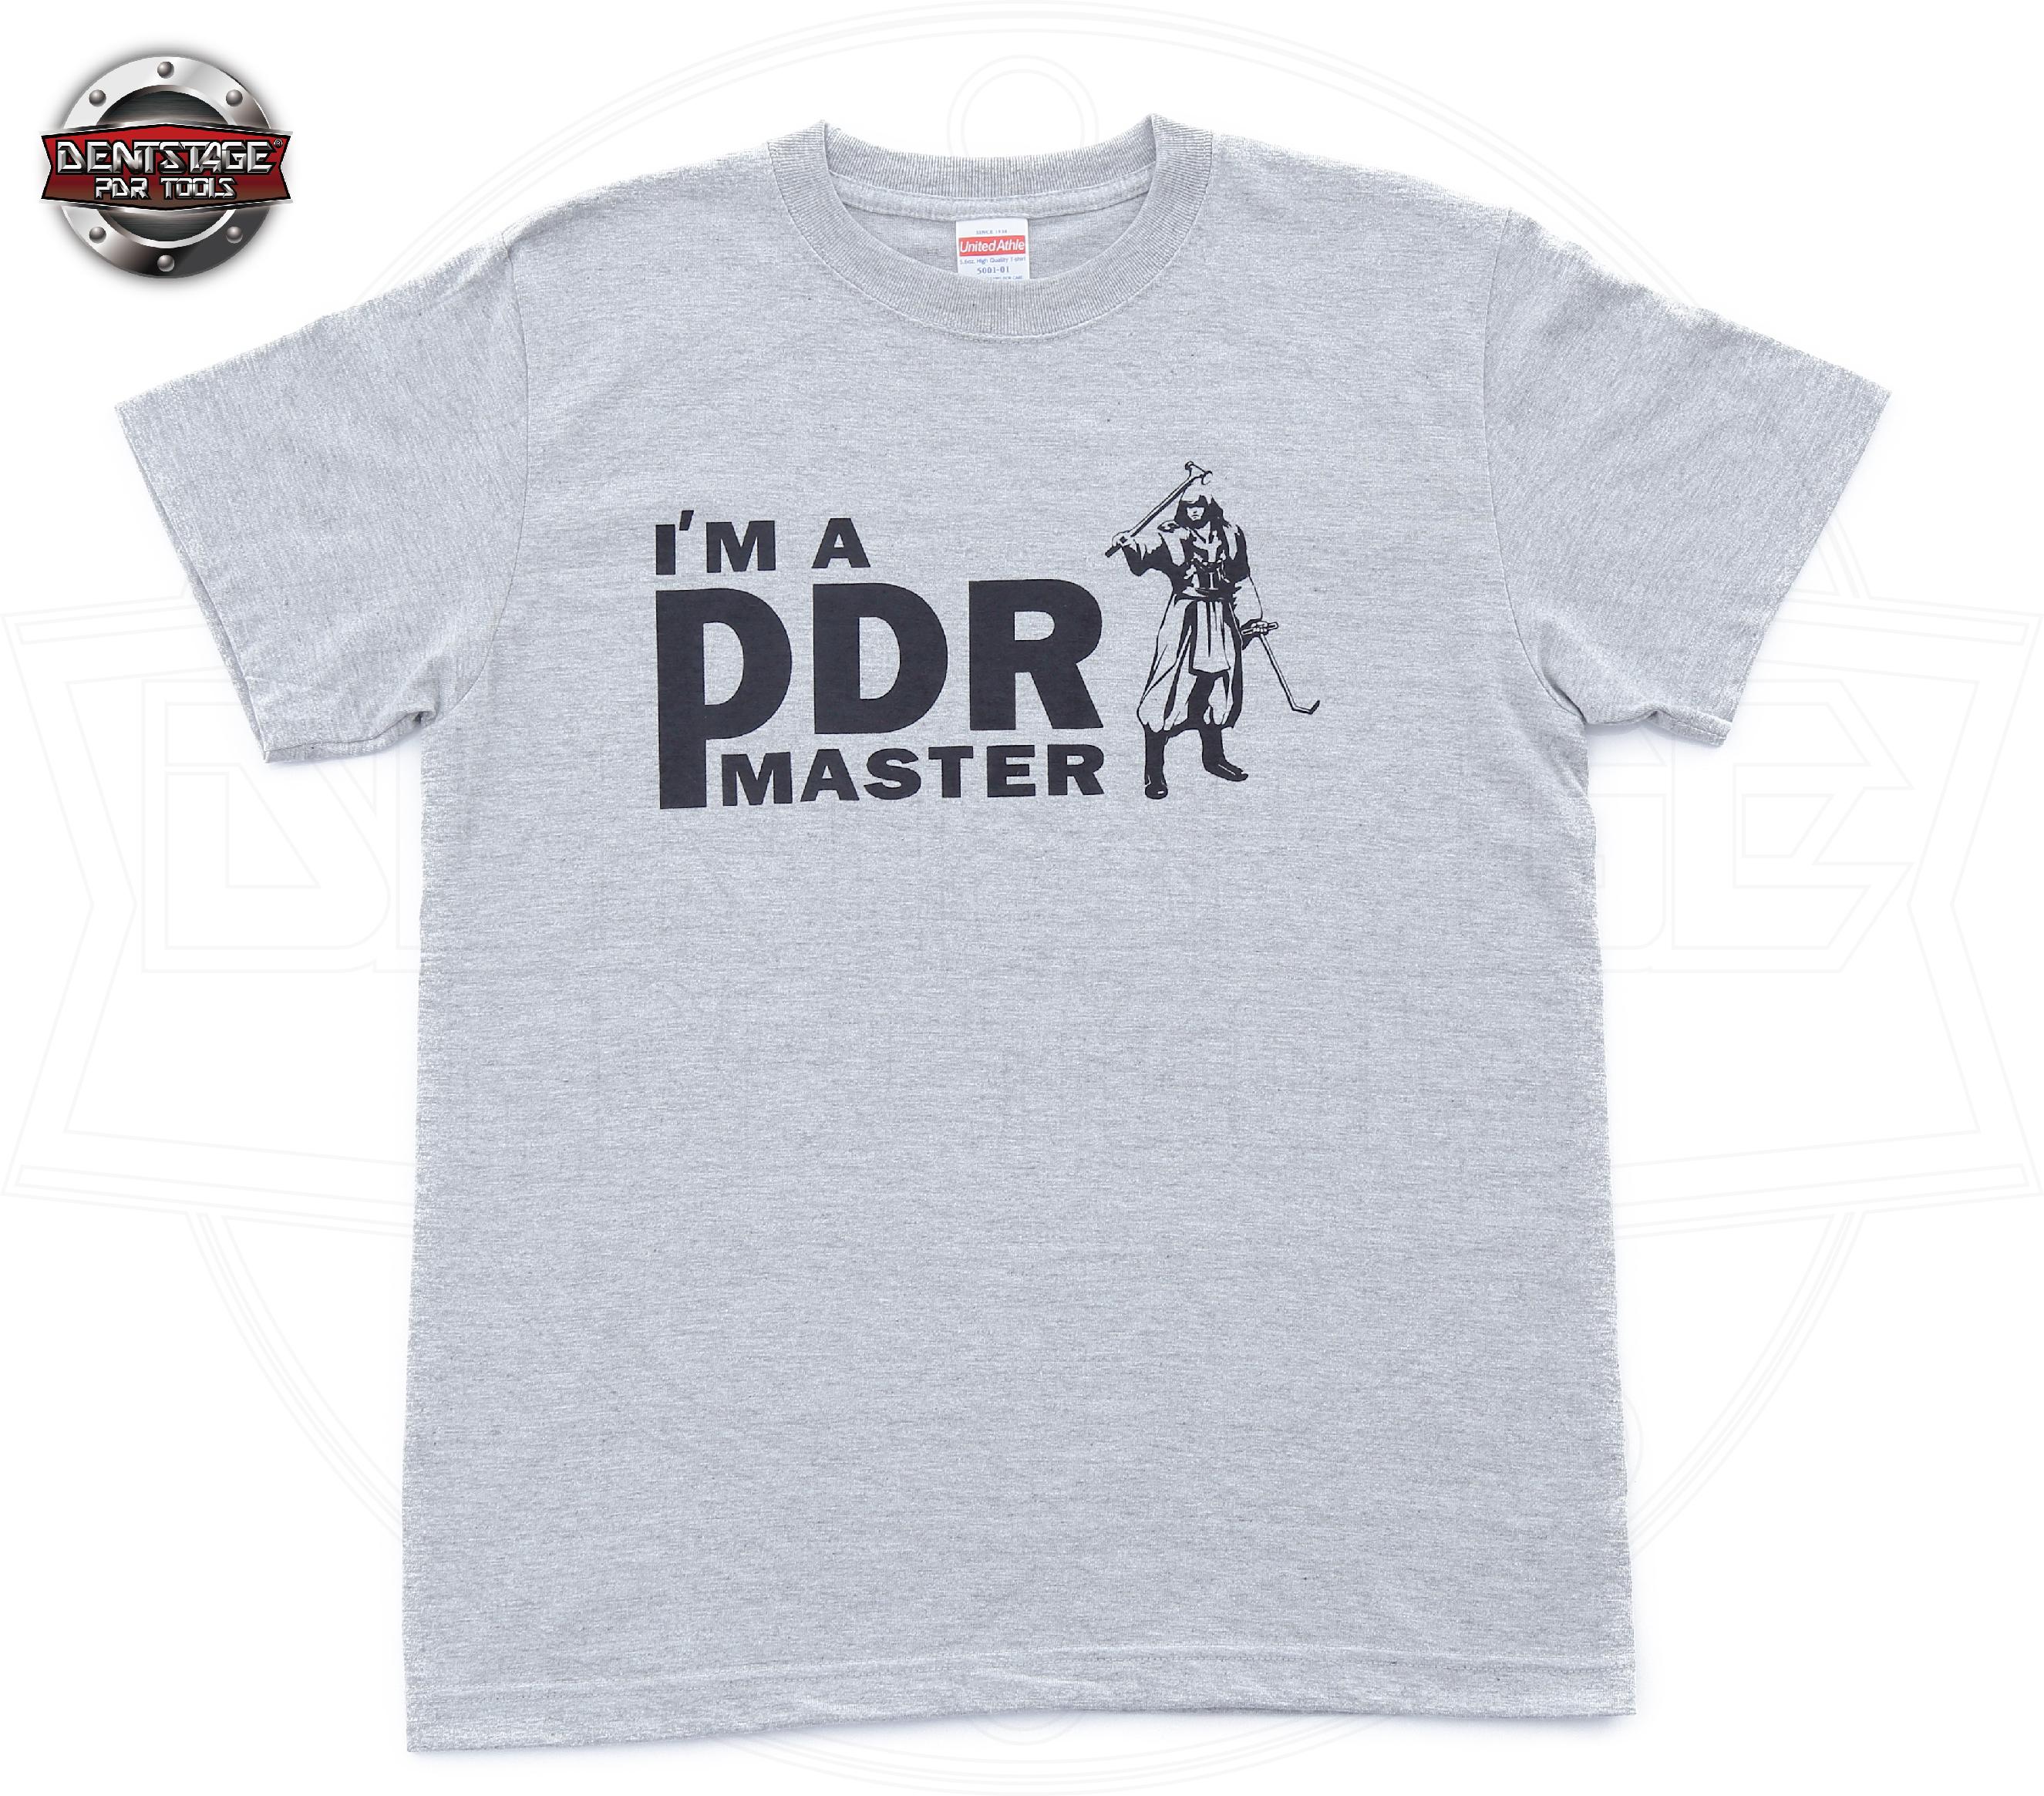 PDR Jedi Master 紀念T恤(灰)-01.jpg